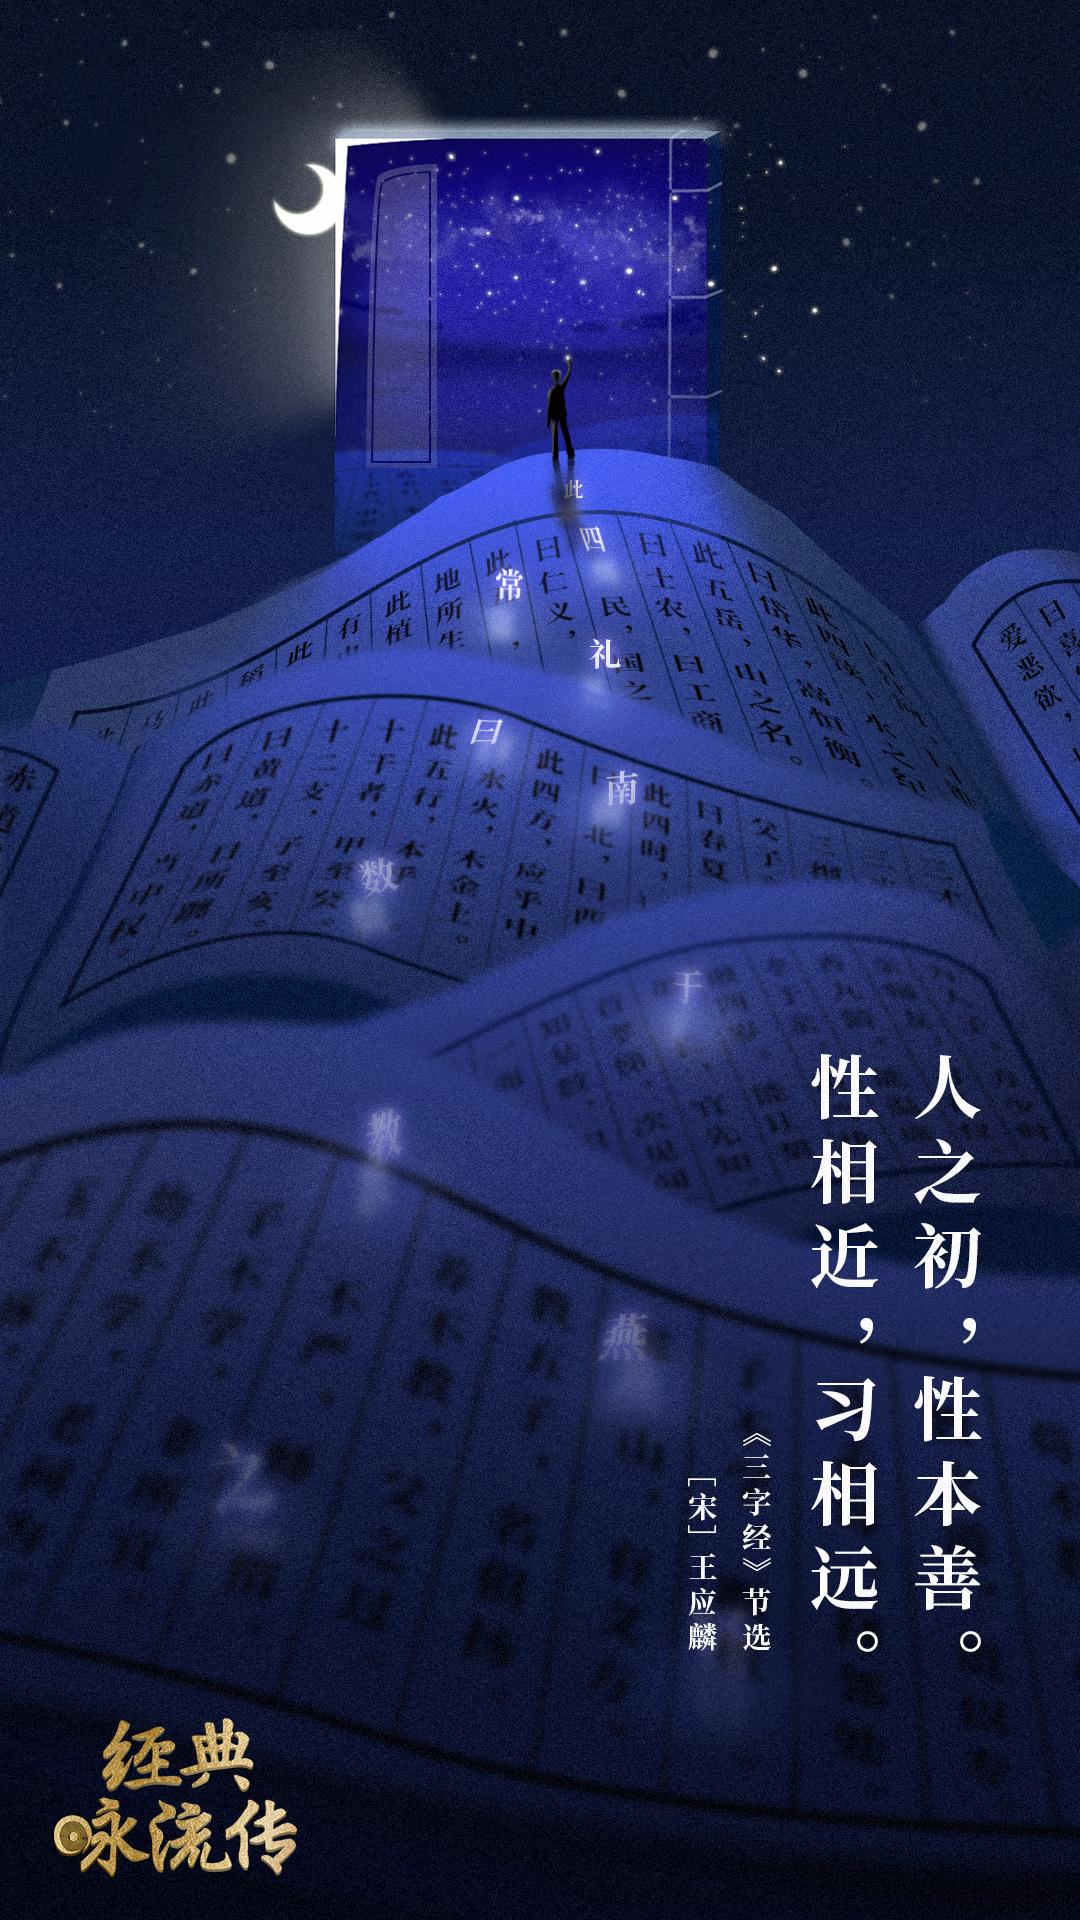 《经典咏流传》诗词意境海报合集 欣赏-第22张